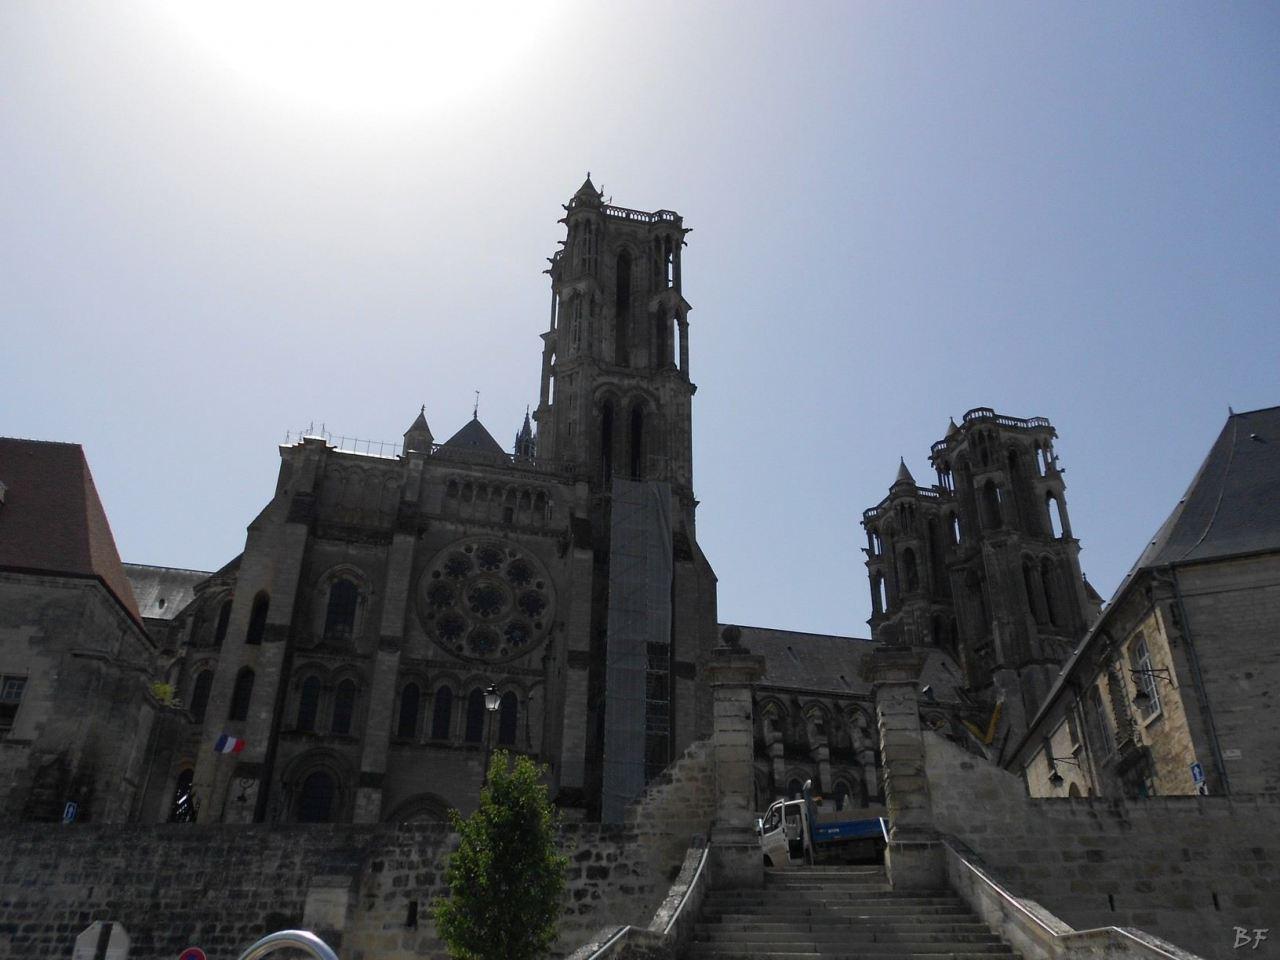 Cattedrale-Gotica-della-Vergine-di-Laon-Aisne-Hauts-de-France-29